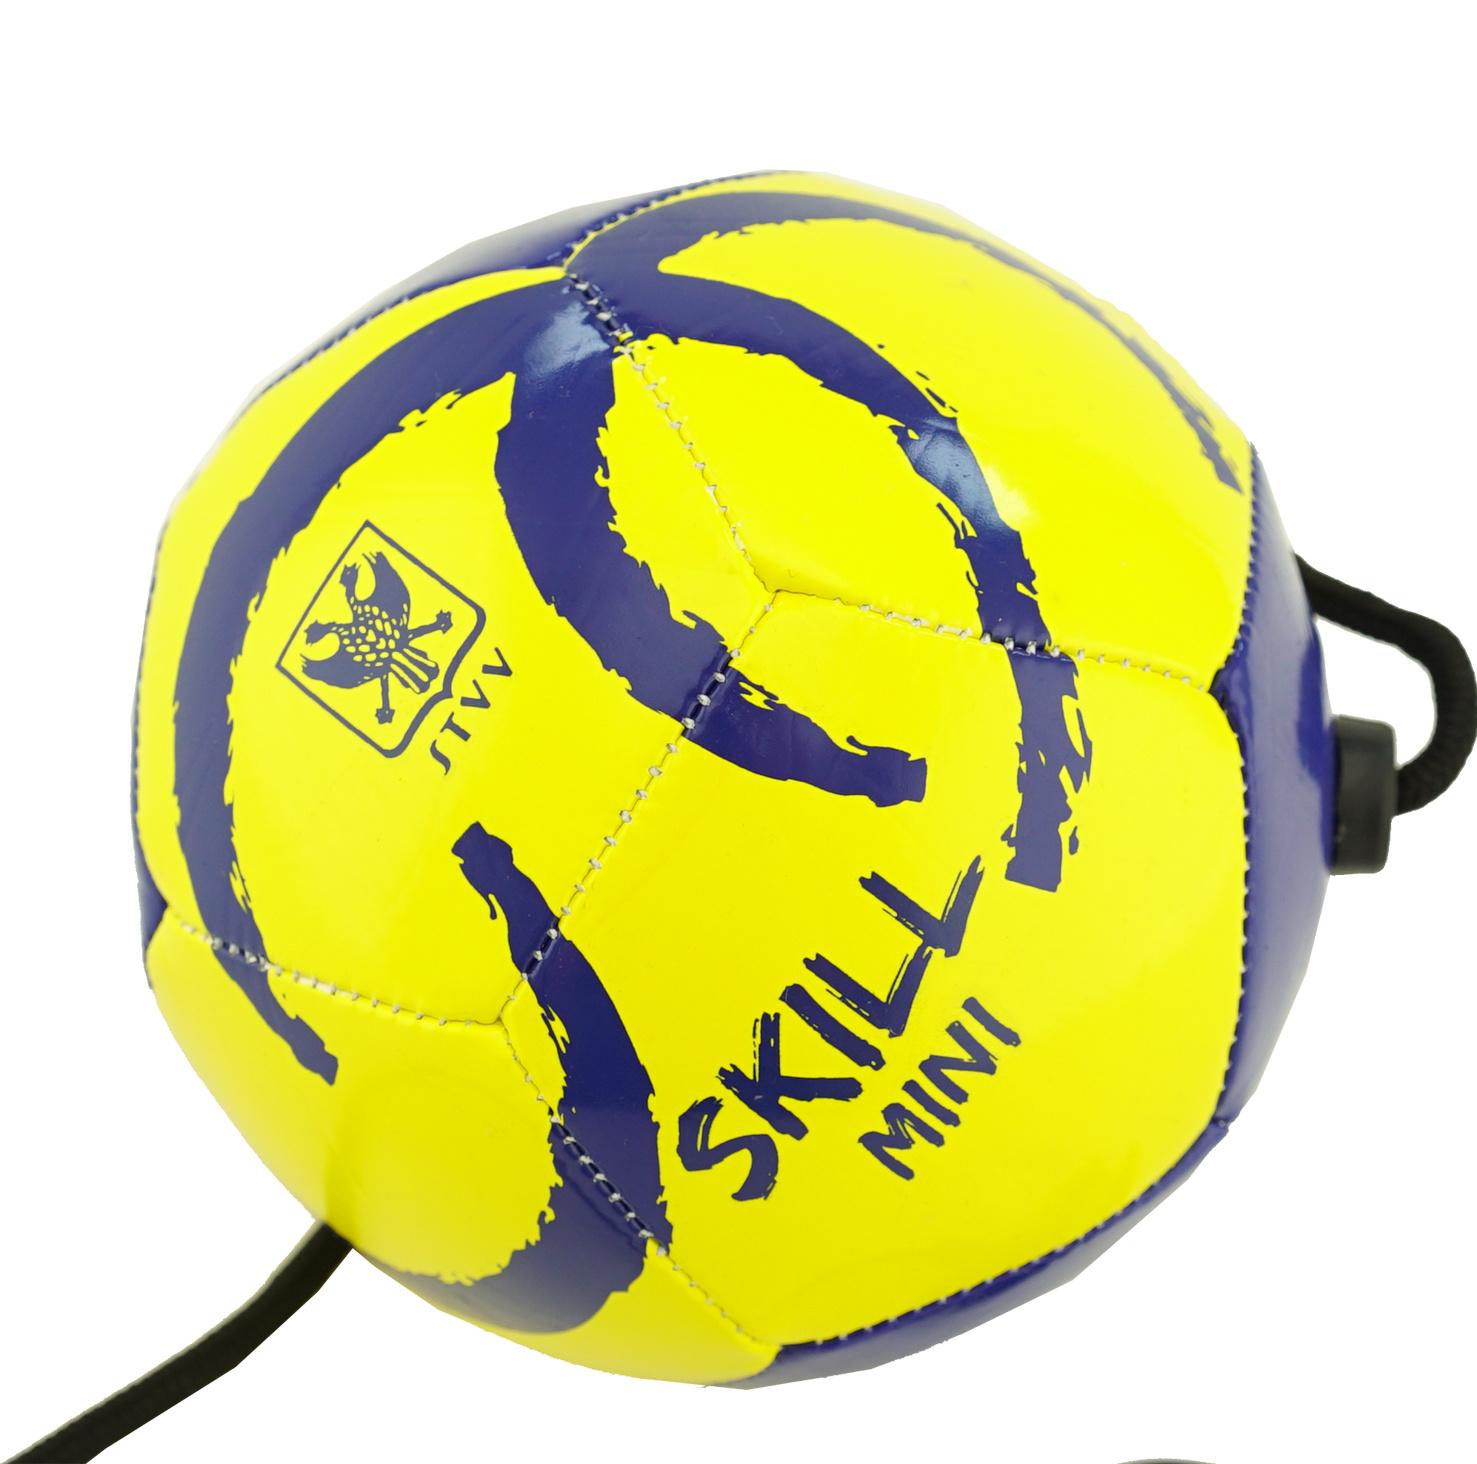 Topfanz Mini Skill ball